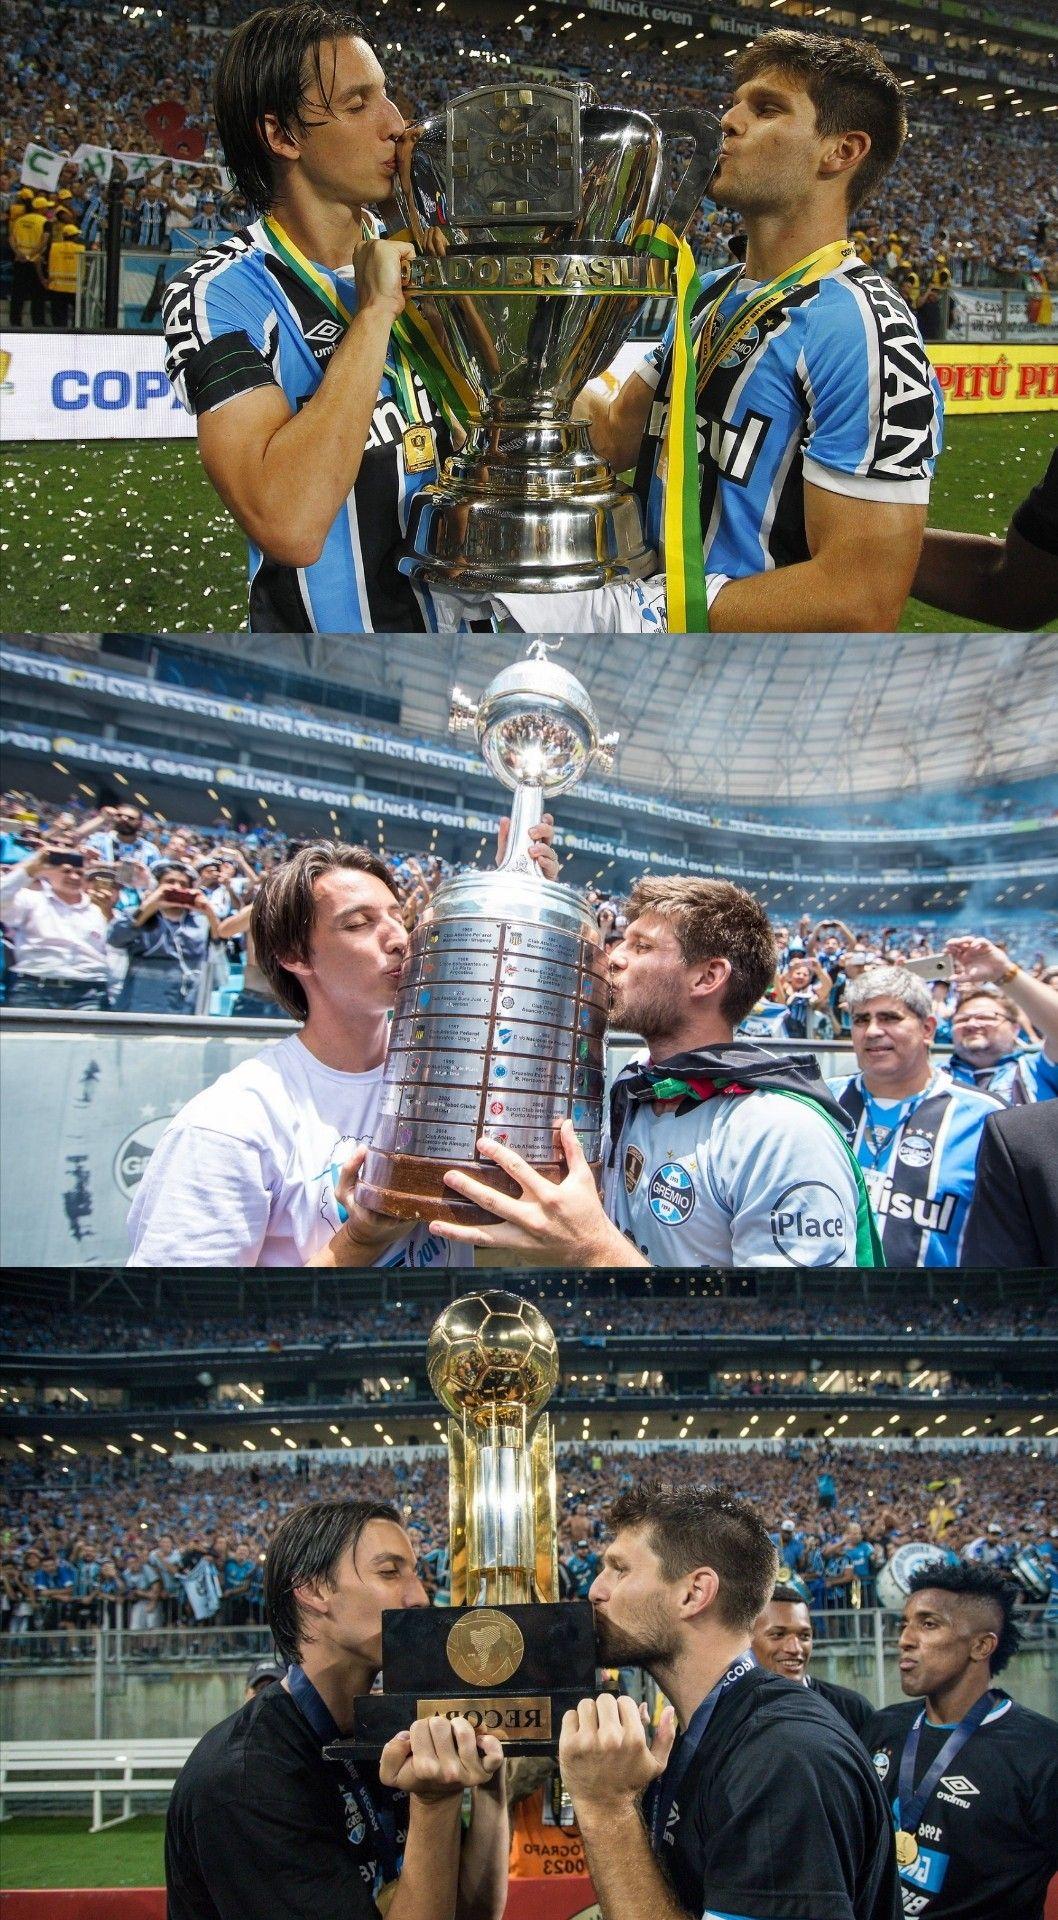 So Falta Brasileirao Gremio Wallpaper Libertadores Gremio Geromel Gremio